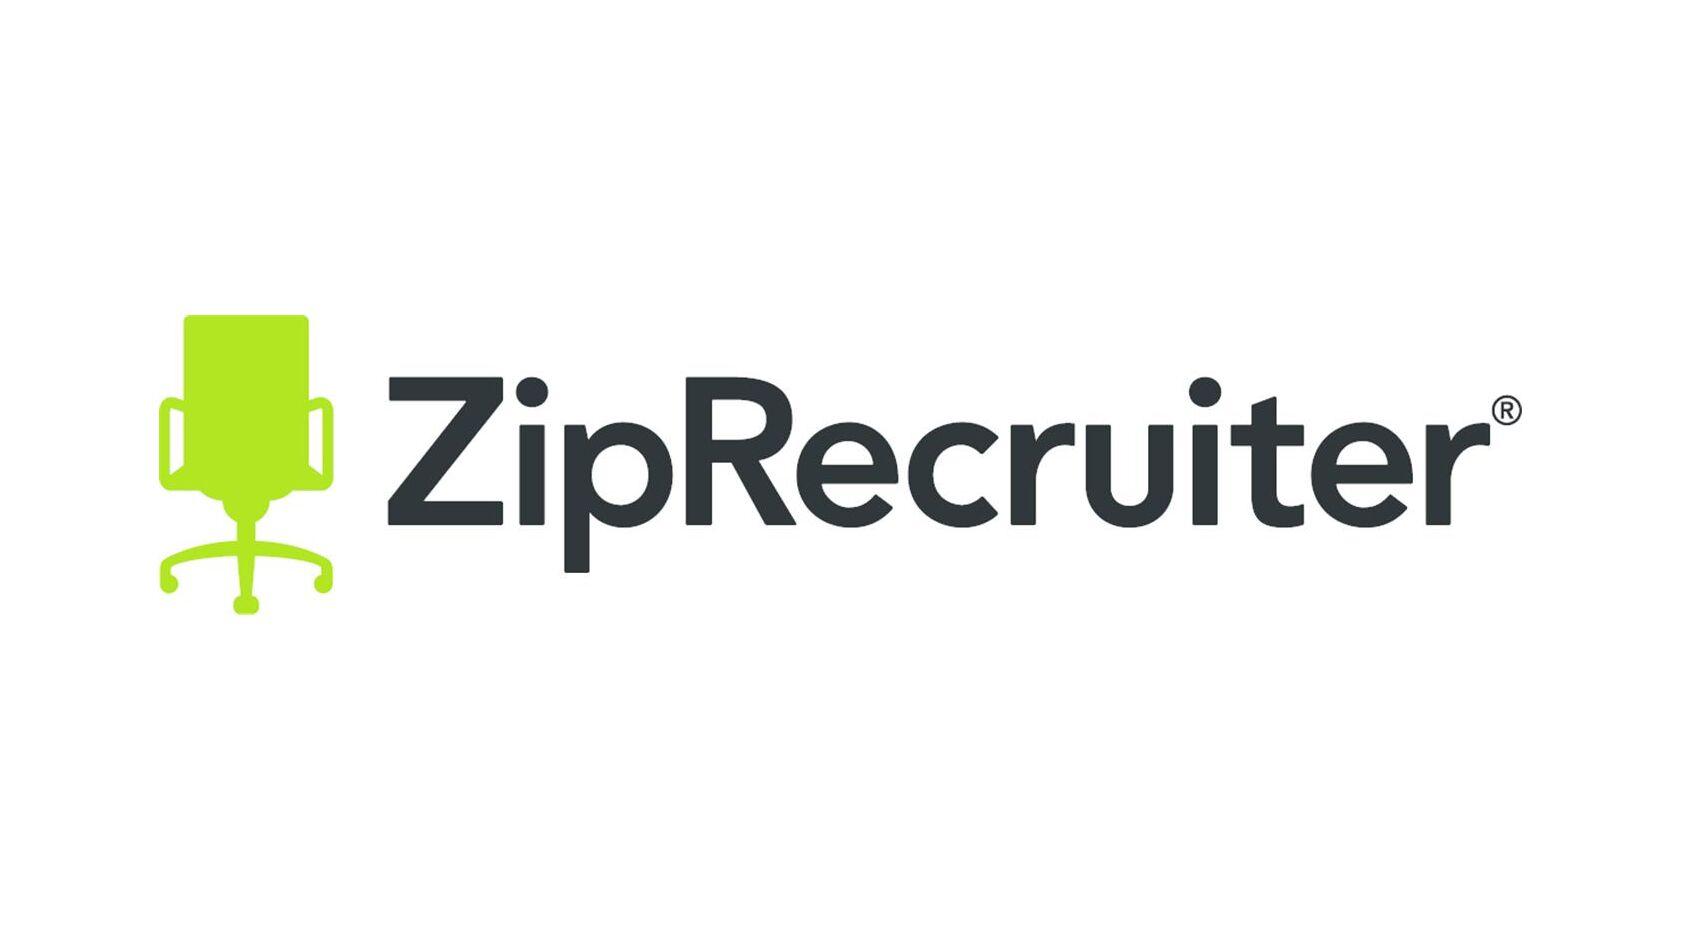 Прямой листинг (DPO) ZipRecruiter Inc. обзор компании и финансовые показатели